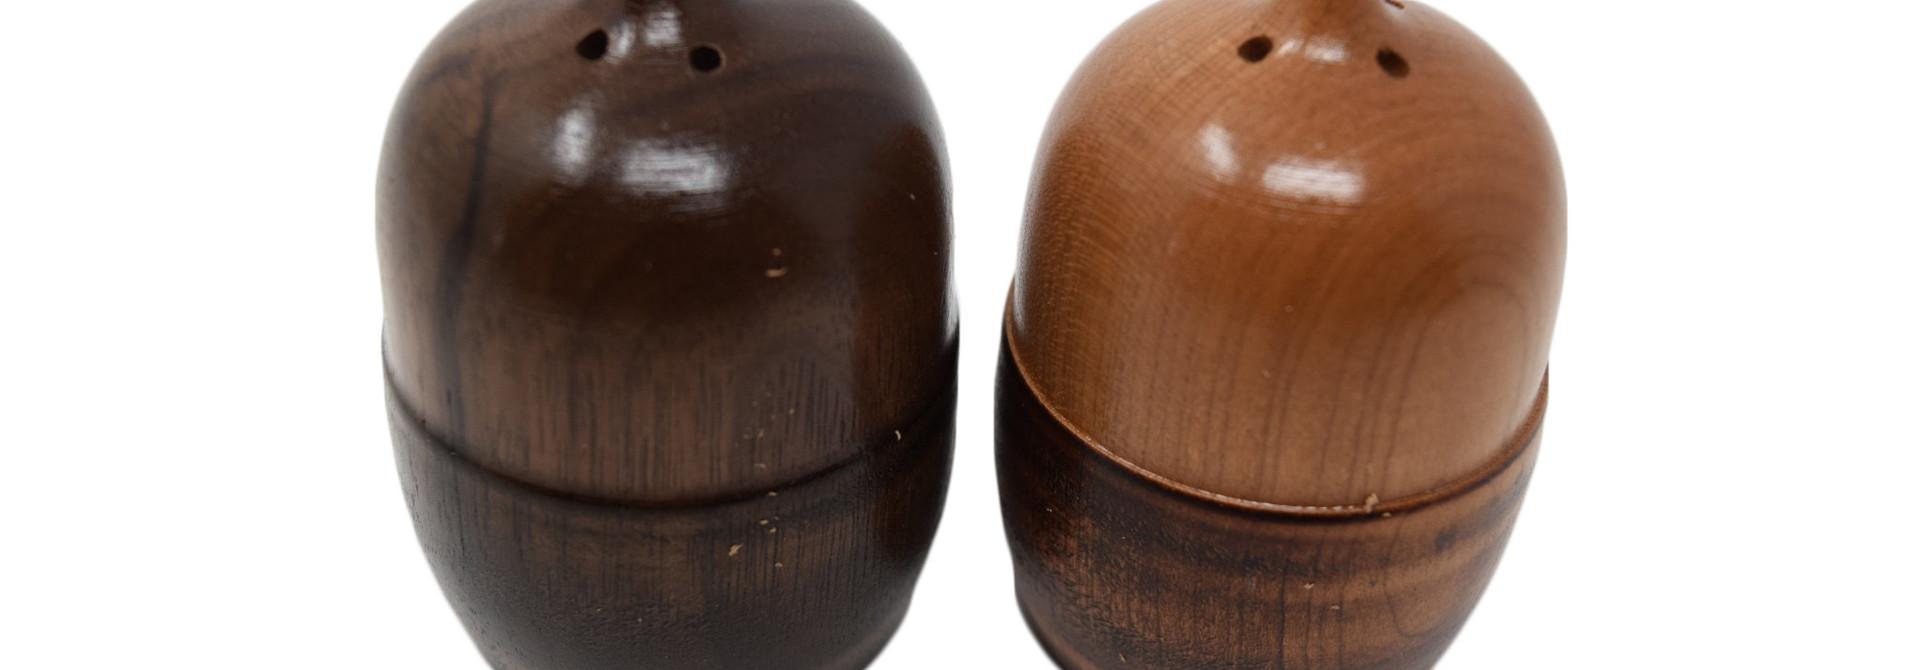 Acorn Salt and Pepper Shaker Set